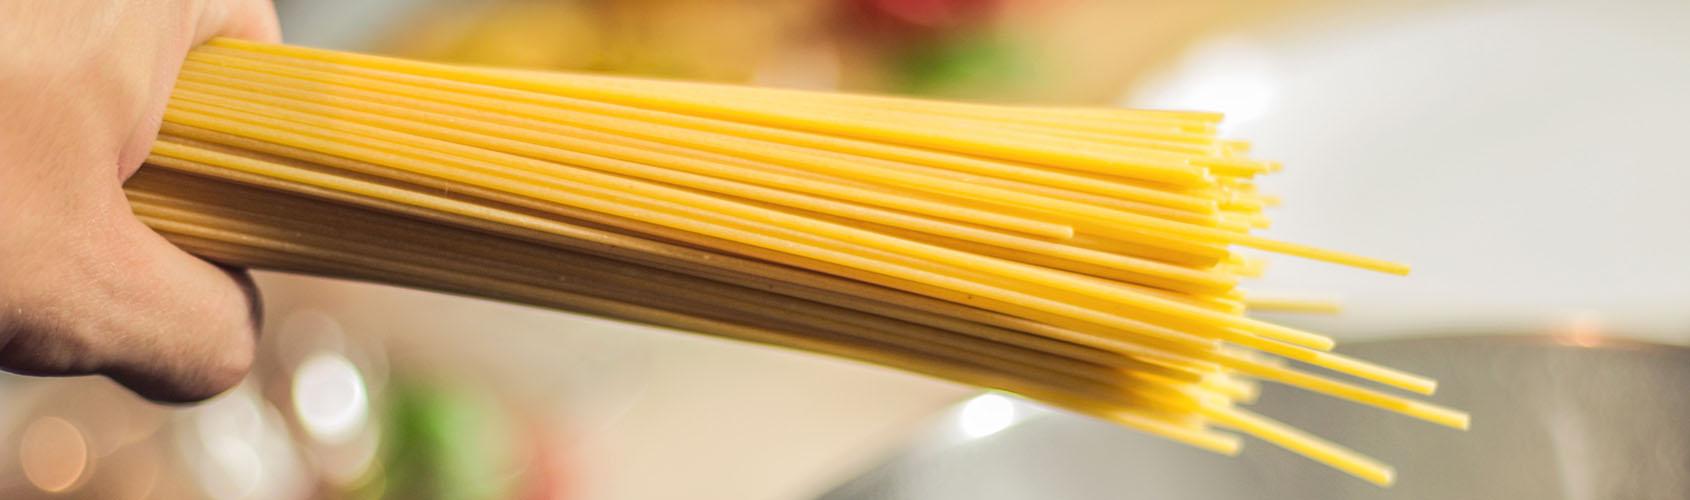 Pasta & Noodles Calories & Calorie Chart